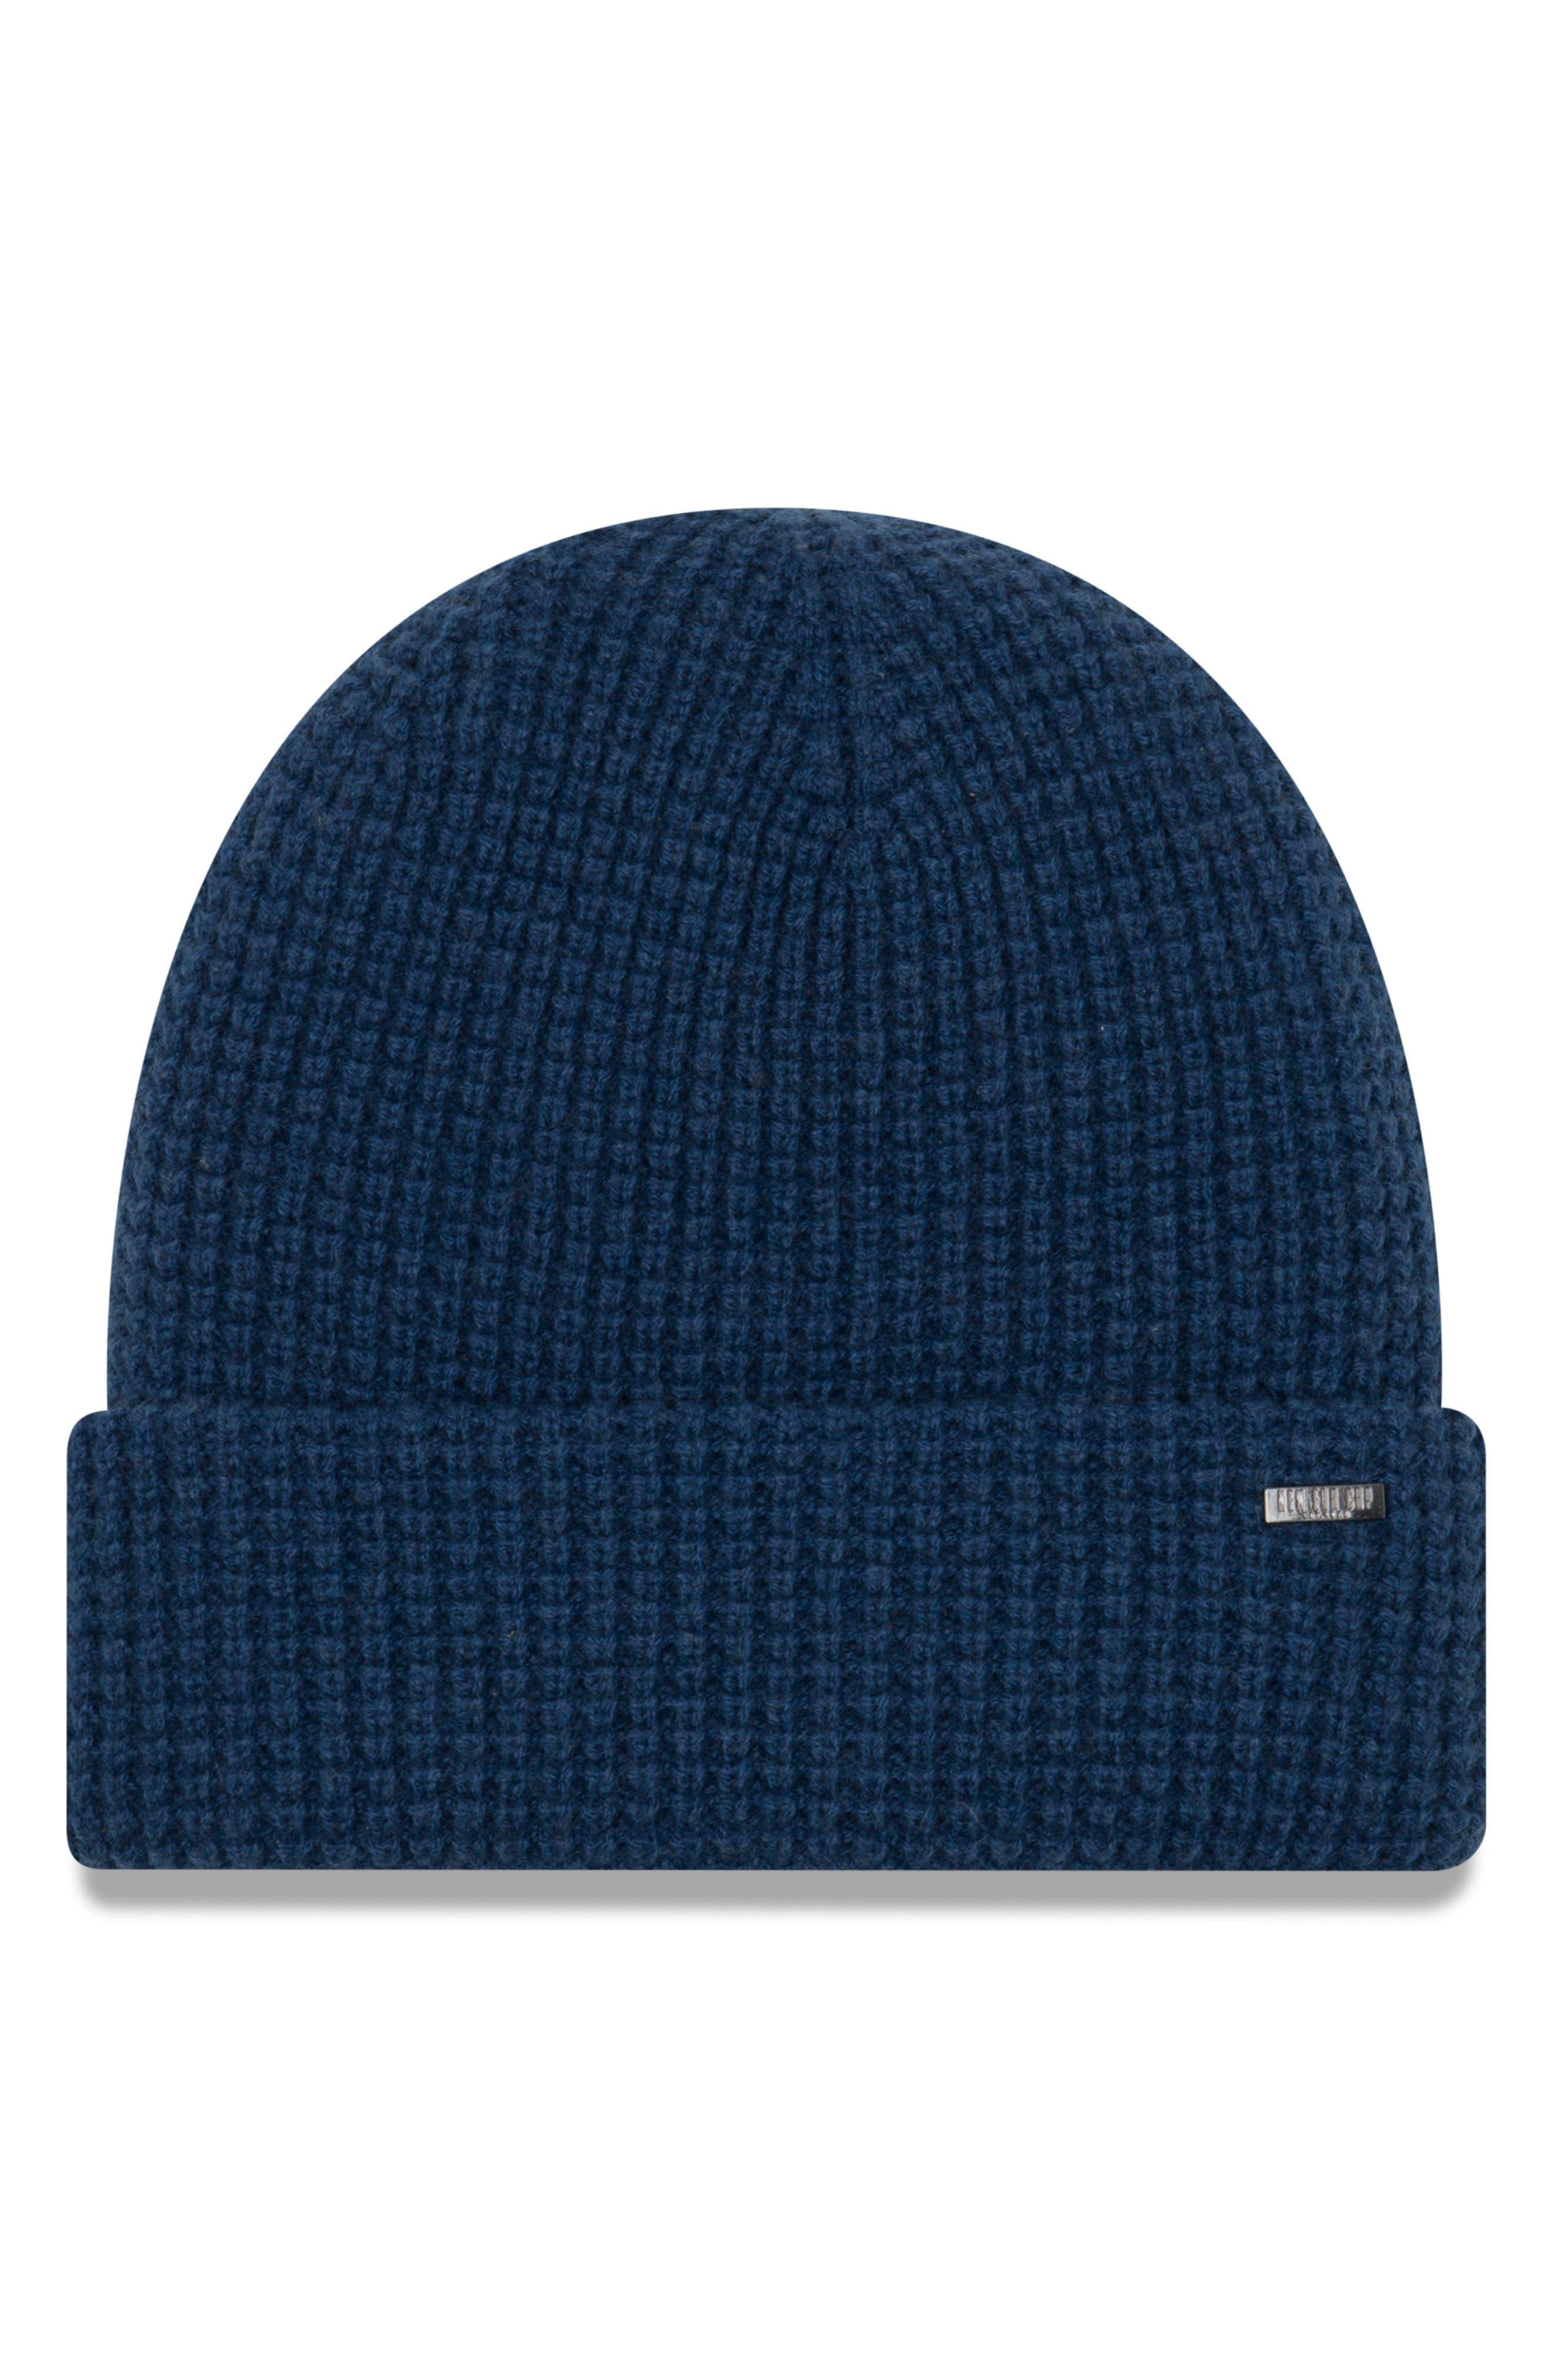 ea75cc46 real detroit lions winter knit hats baby shower ddf2d 31702